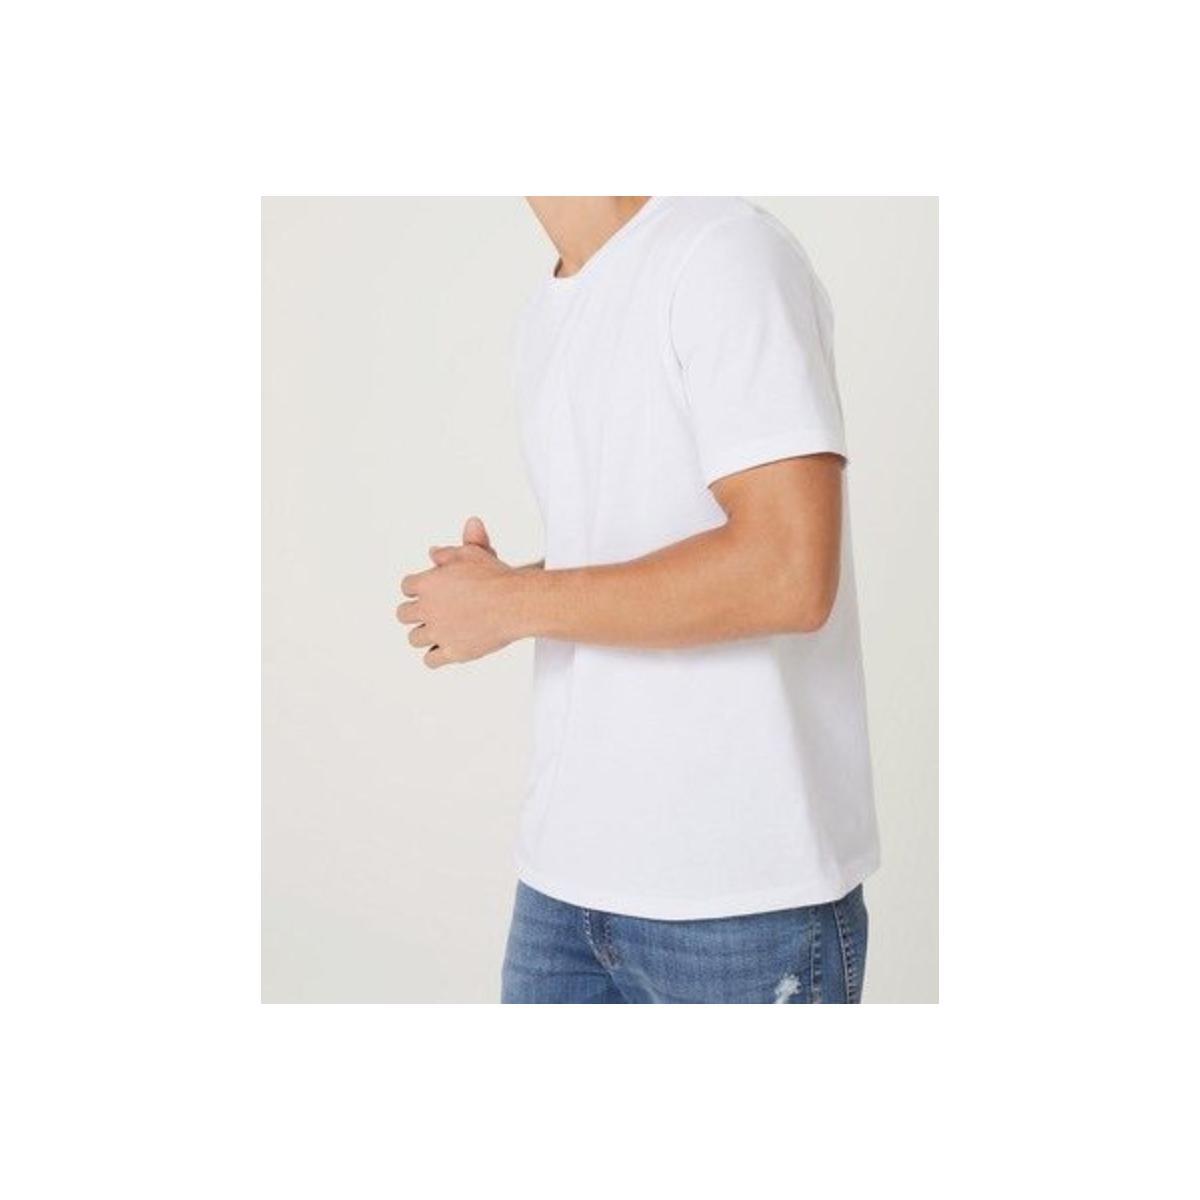 Camiseta Masculina Hering 0299 N0a00s Branco